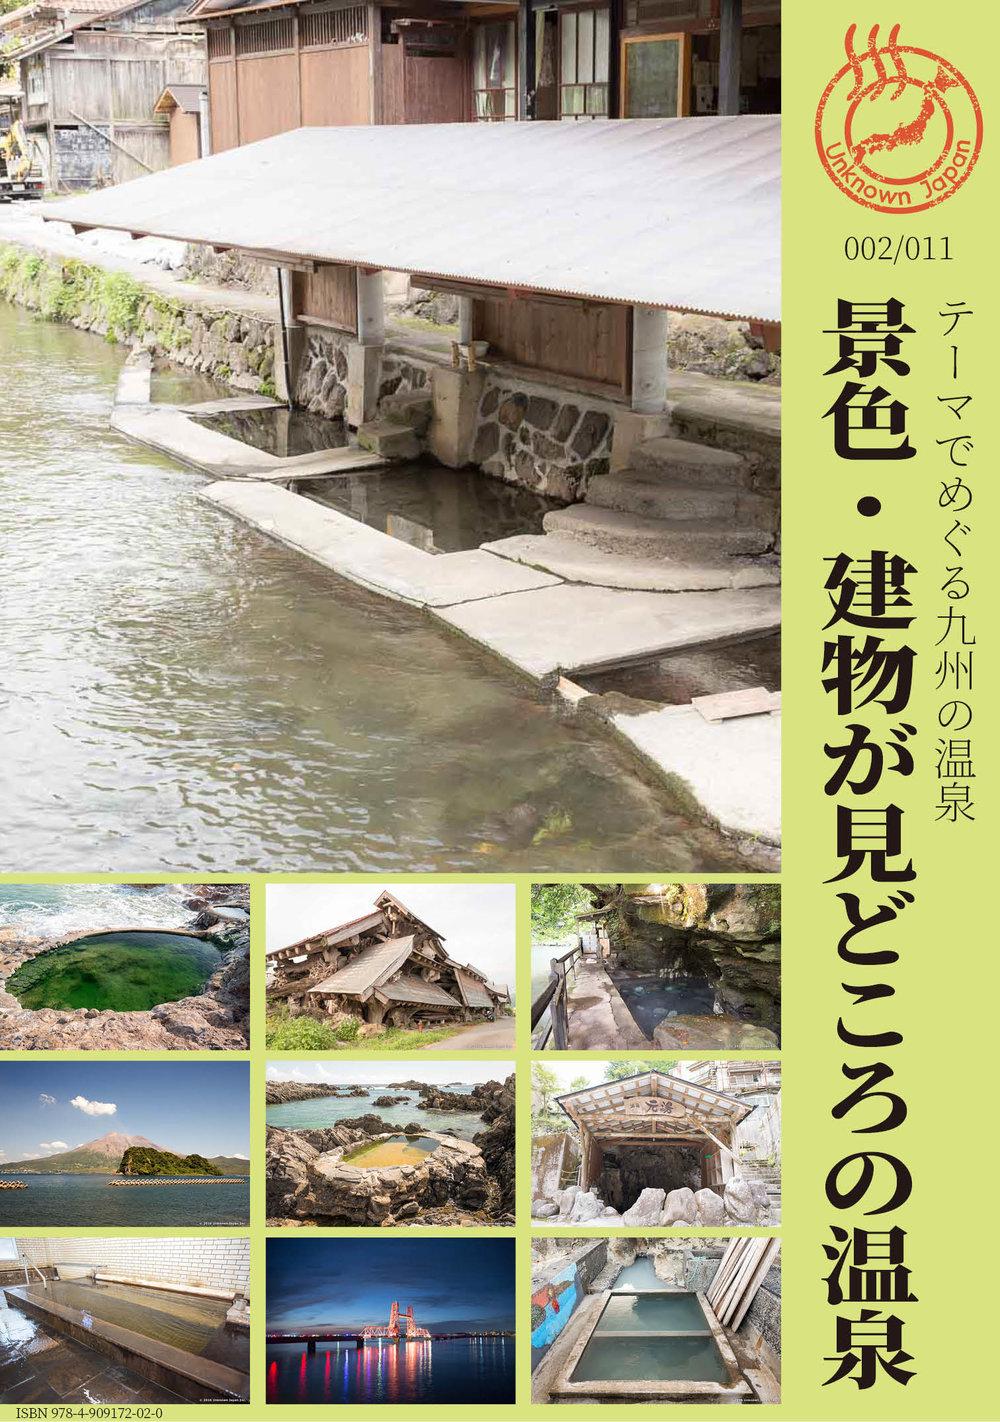 002_景色・建物が見どころの温泉.jpg